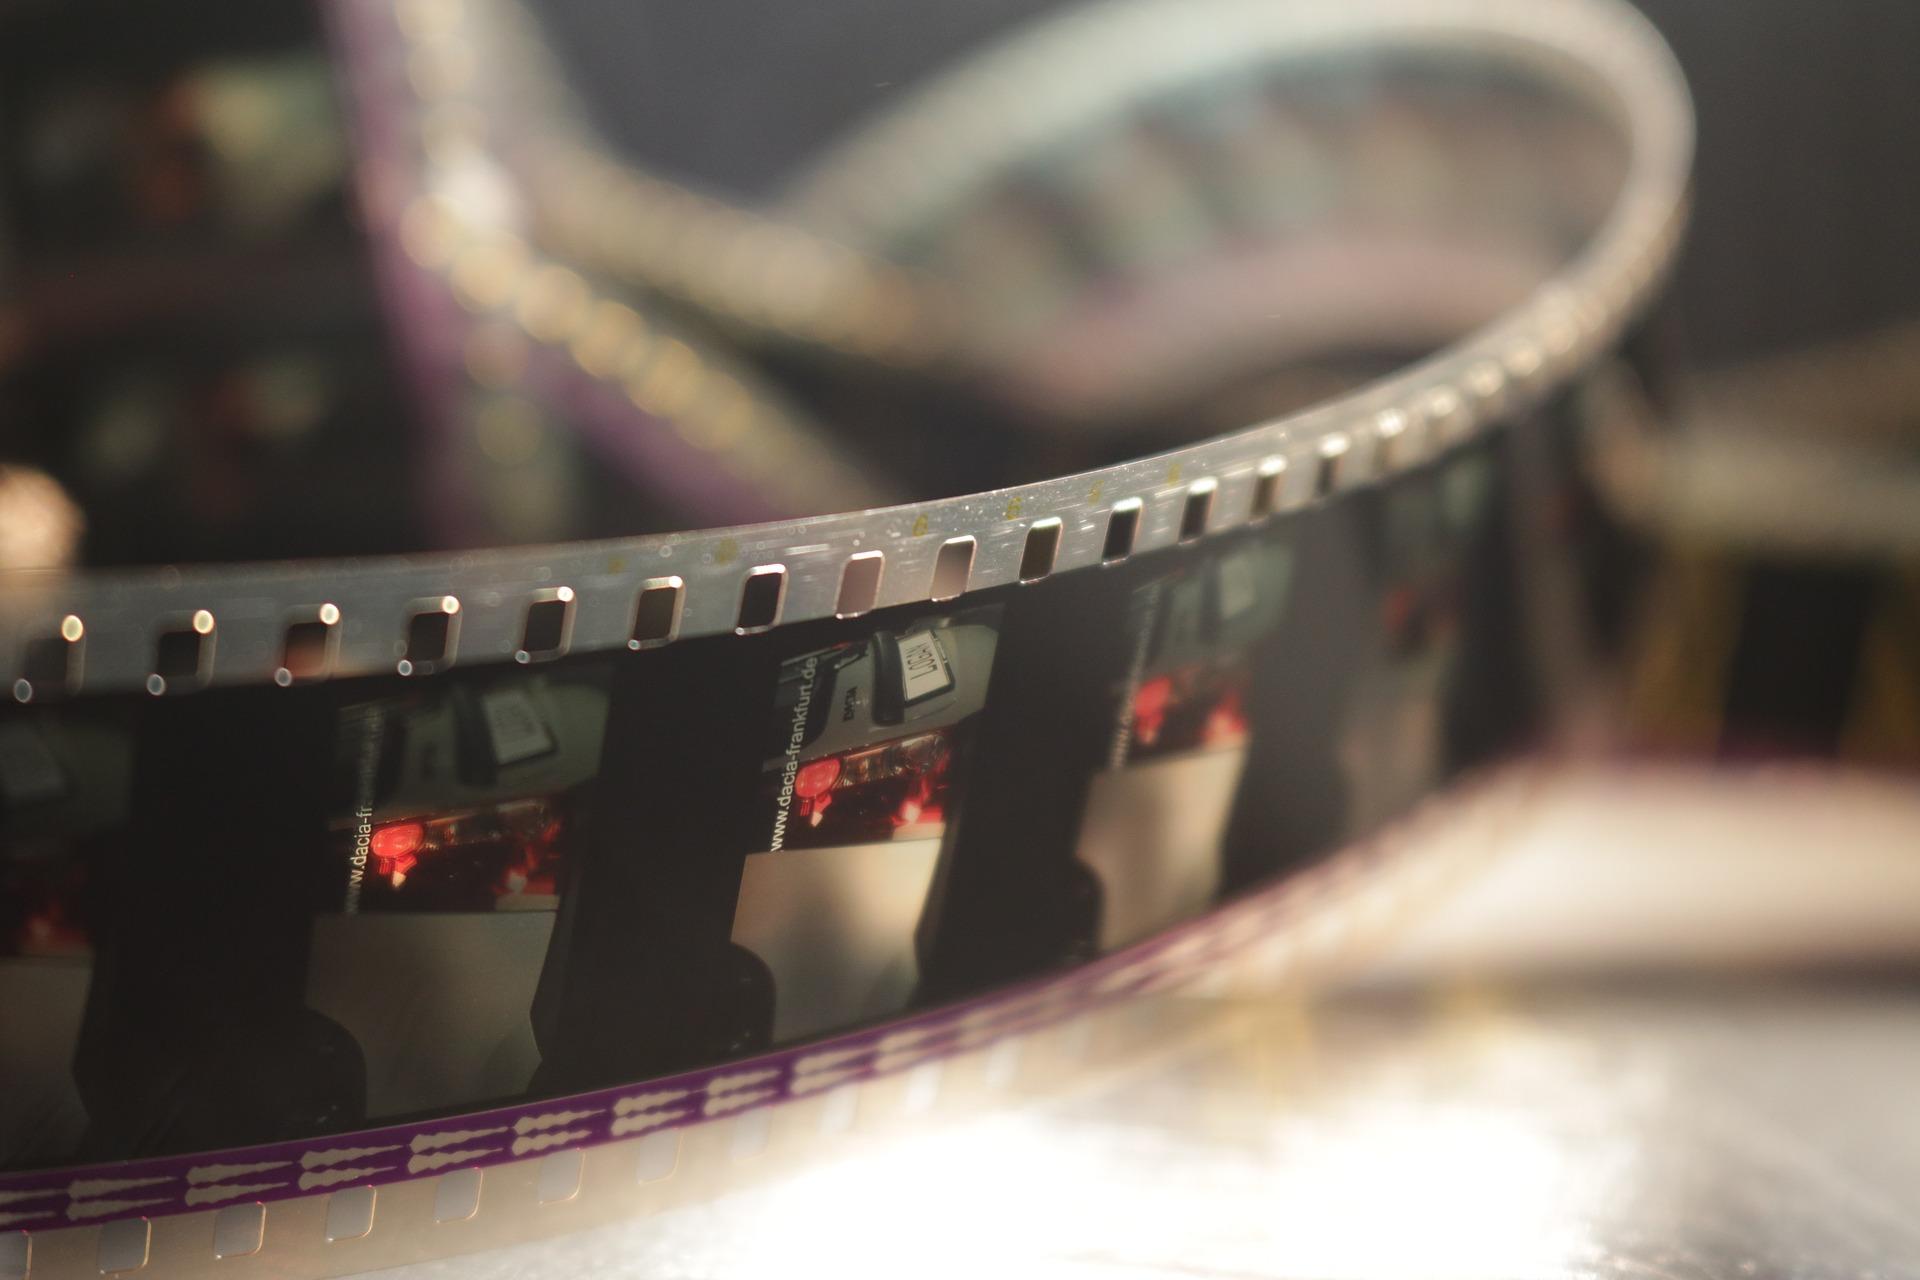 Новогодний киноконцерт состоялся во дворце культуры Щербинки. Фото: pixabay.com